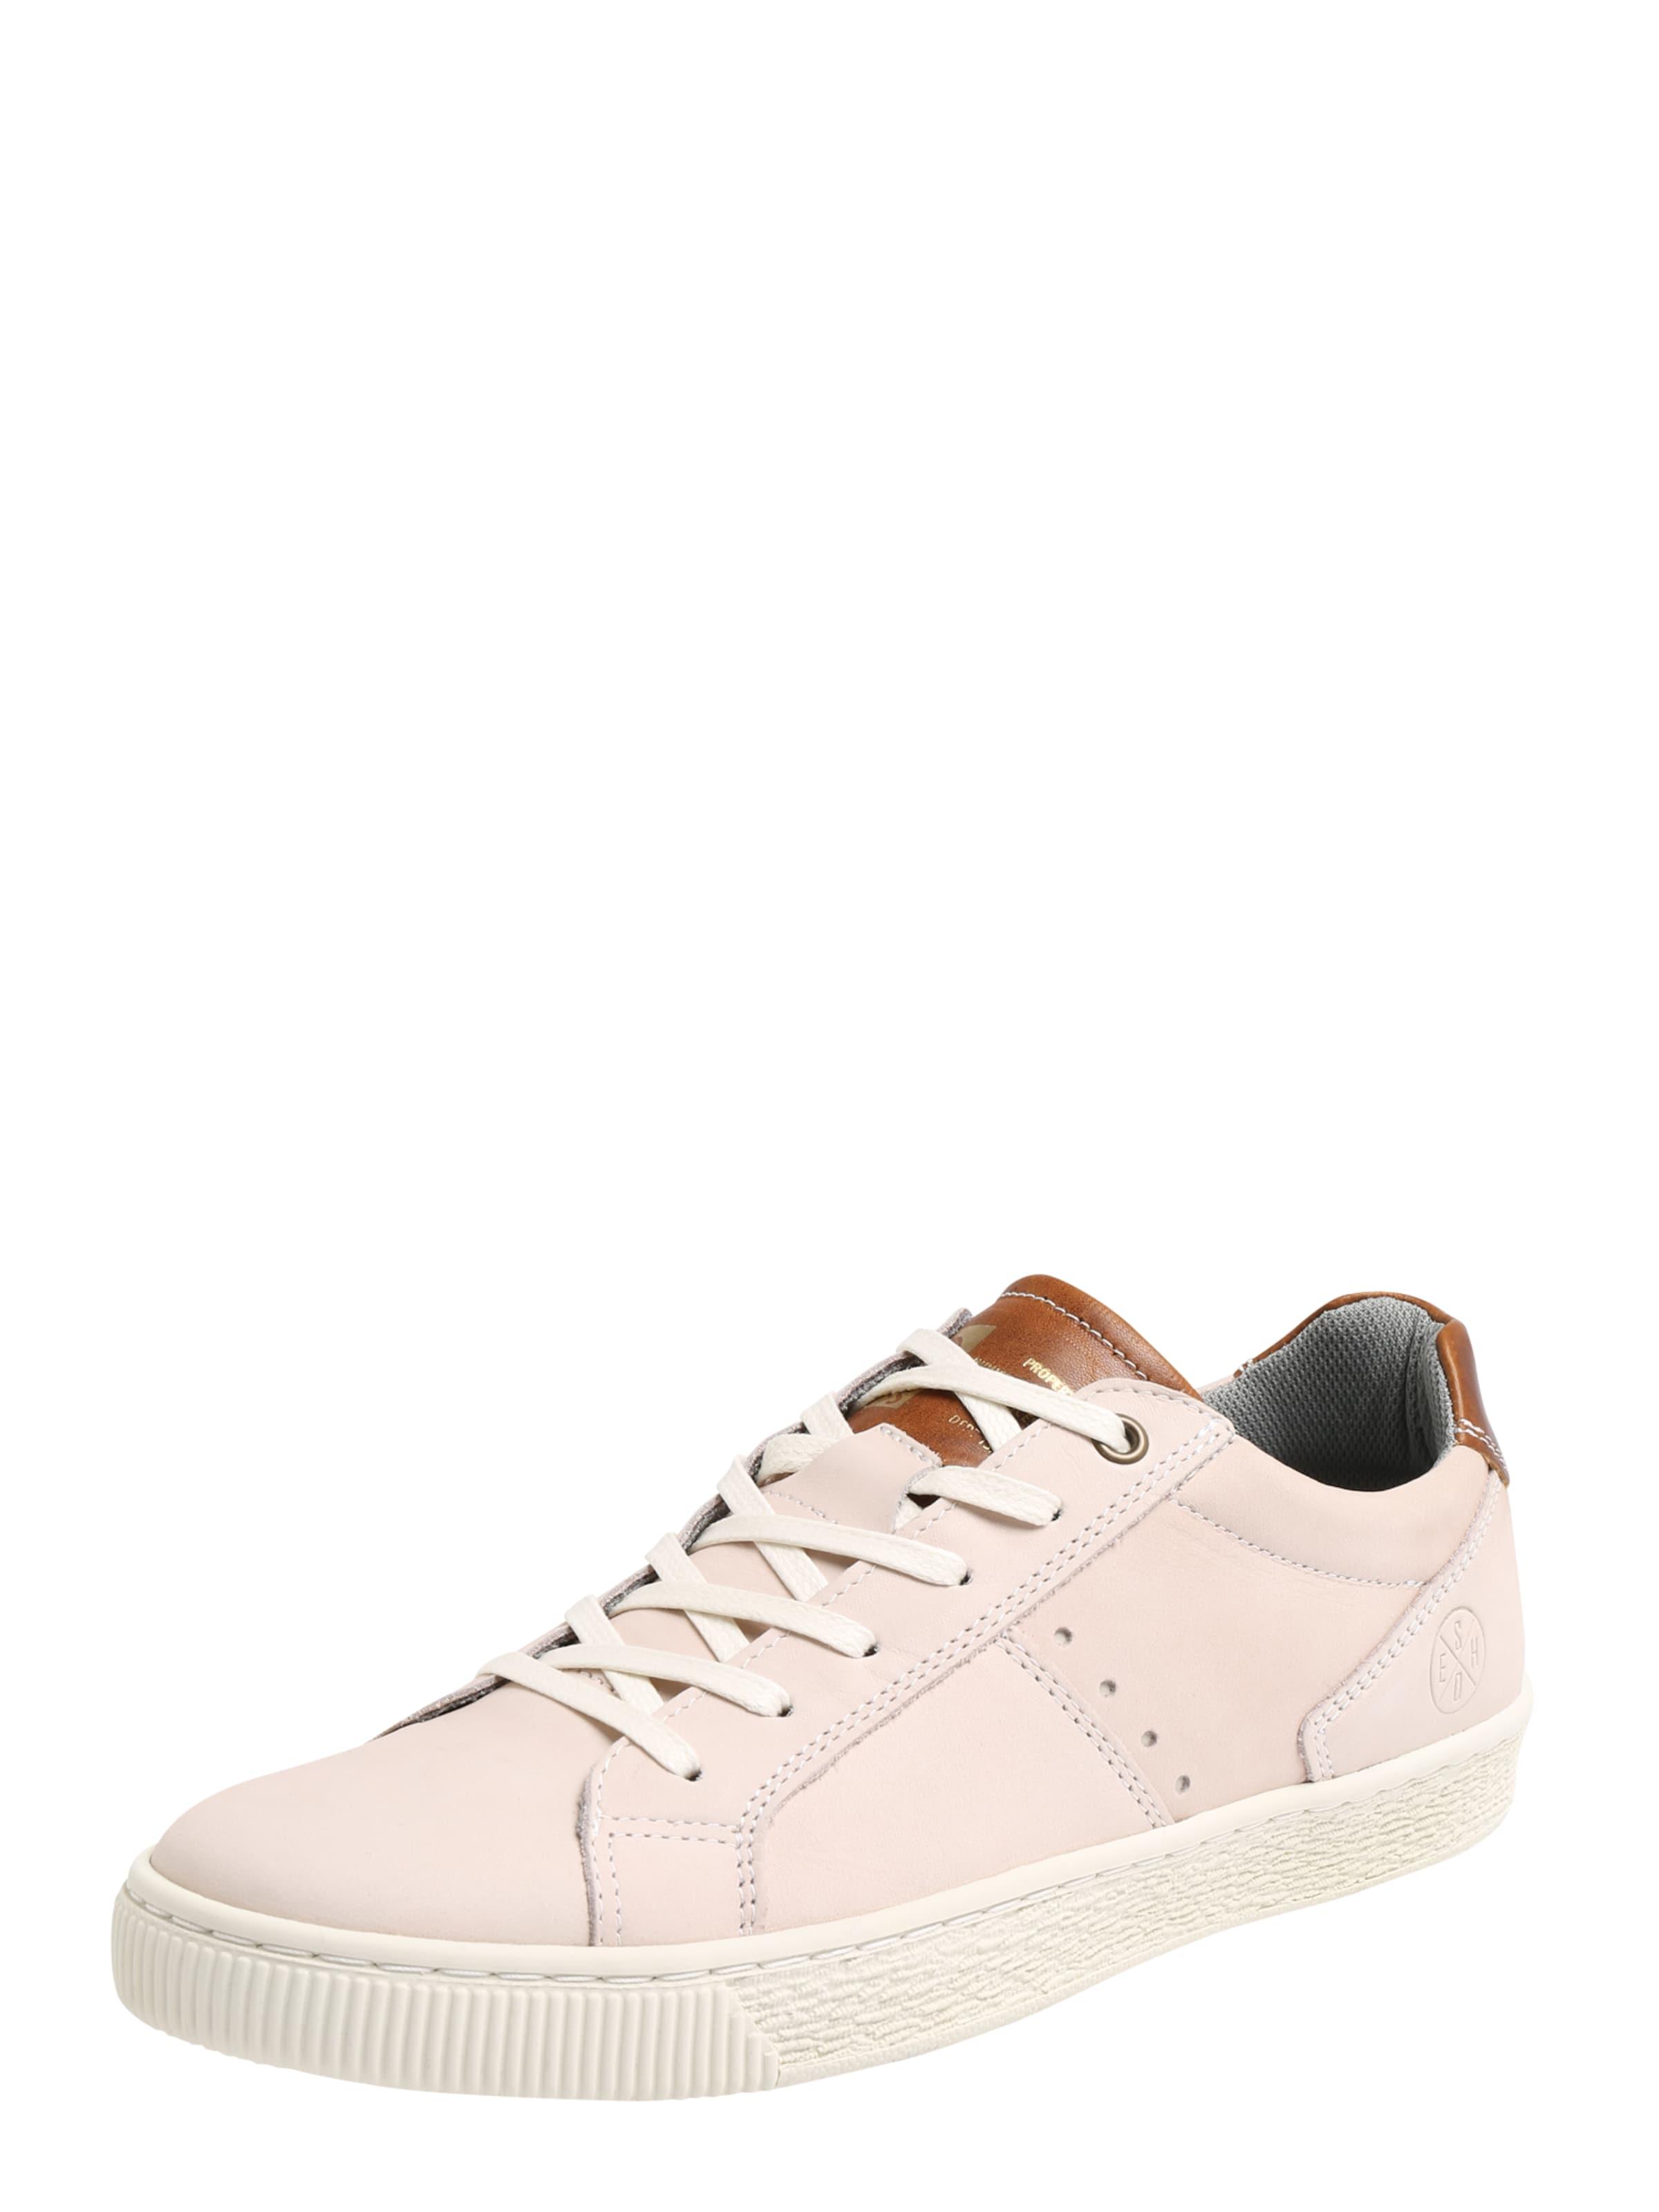 BULLBOXER Schlichter Sneaker Verschleißfeste billige Schuhe